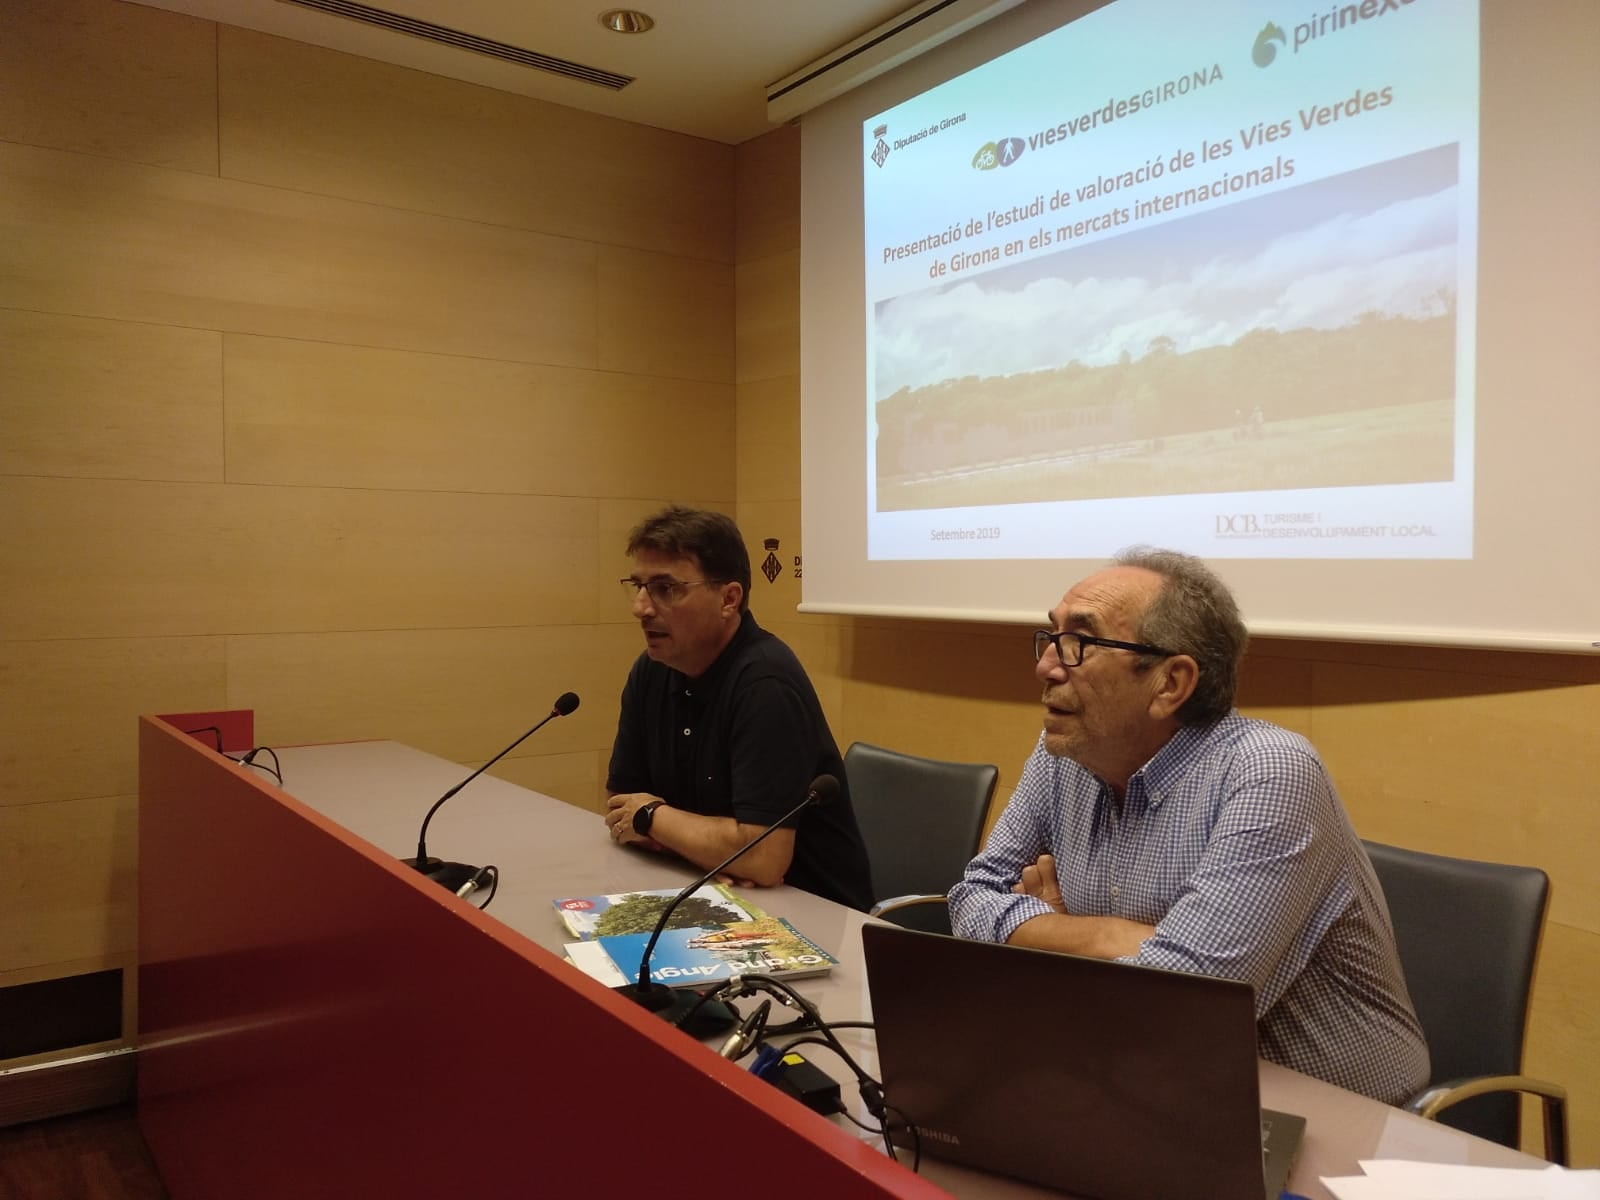 Imatge de la presentació de l'estudi on apareix el Gerent en funcions i el consultor que l'ha realitzat